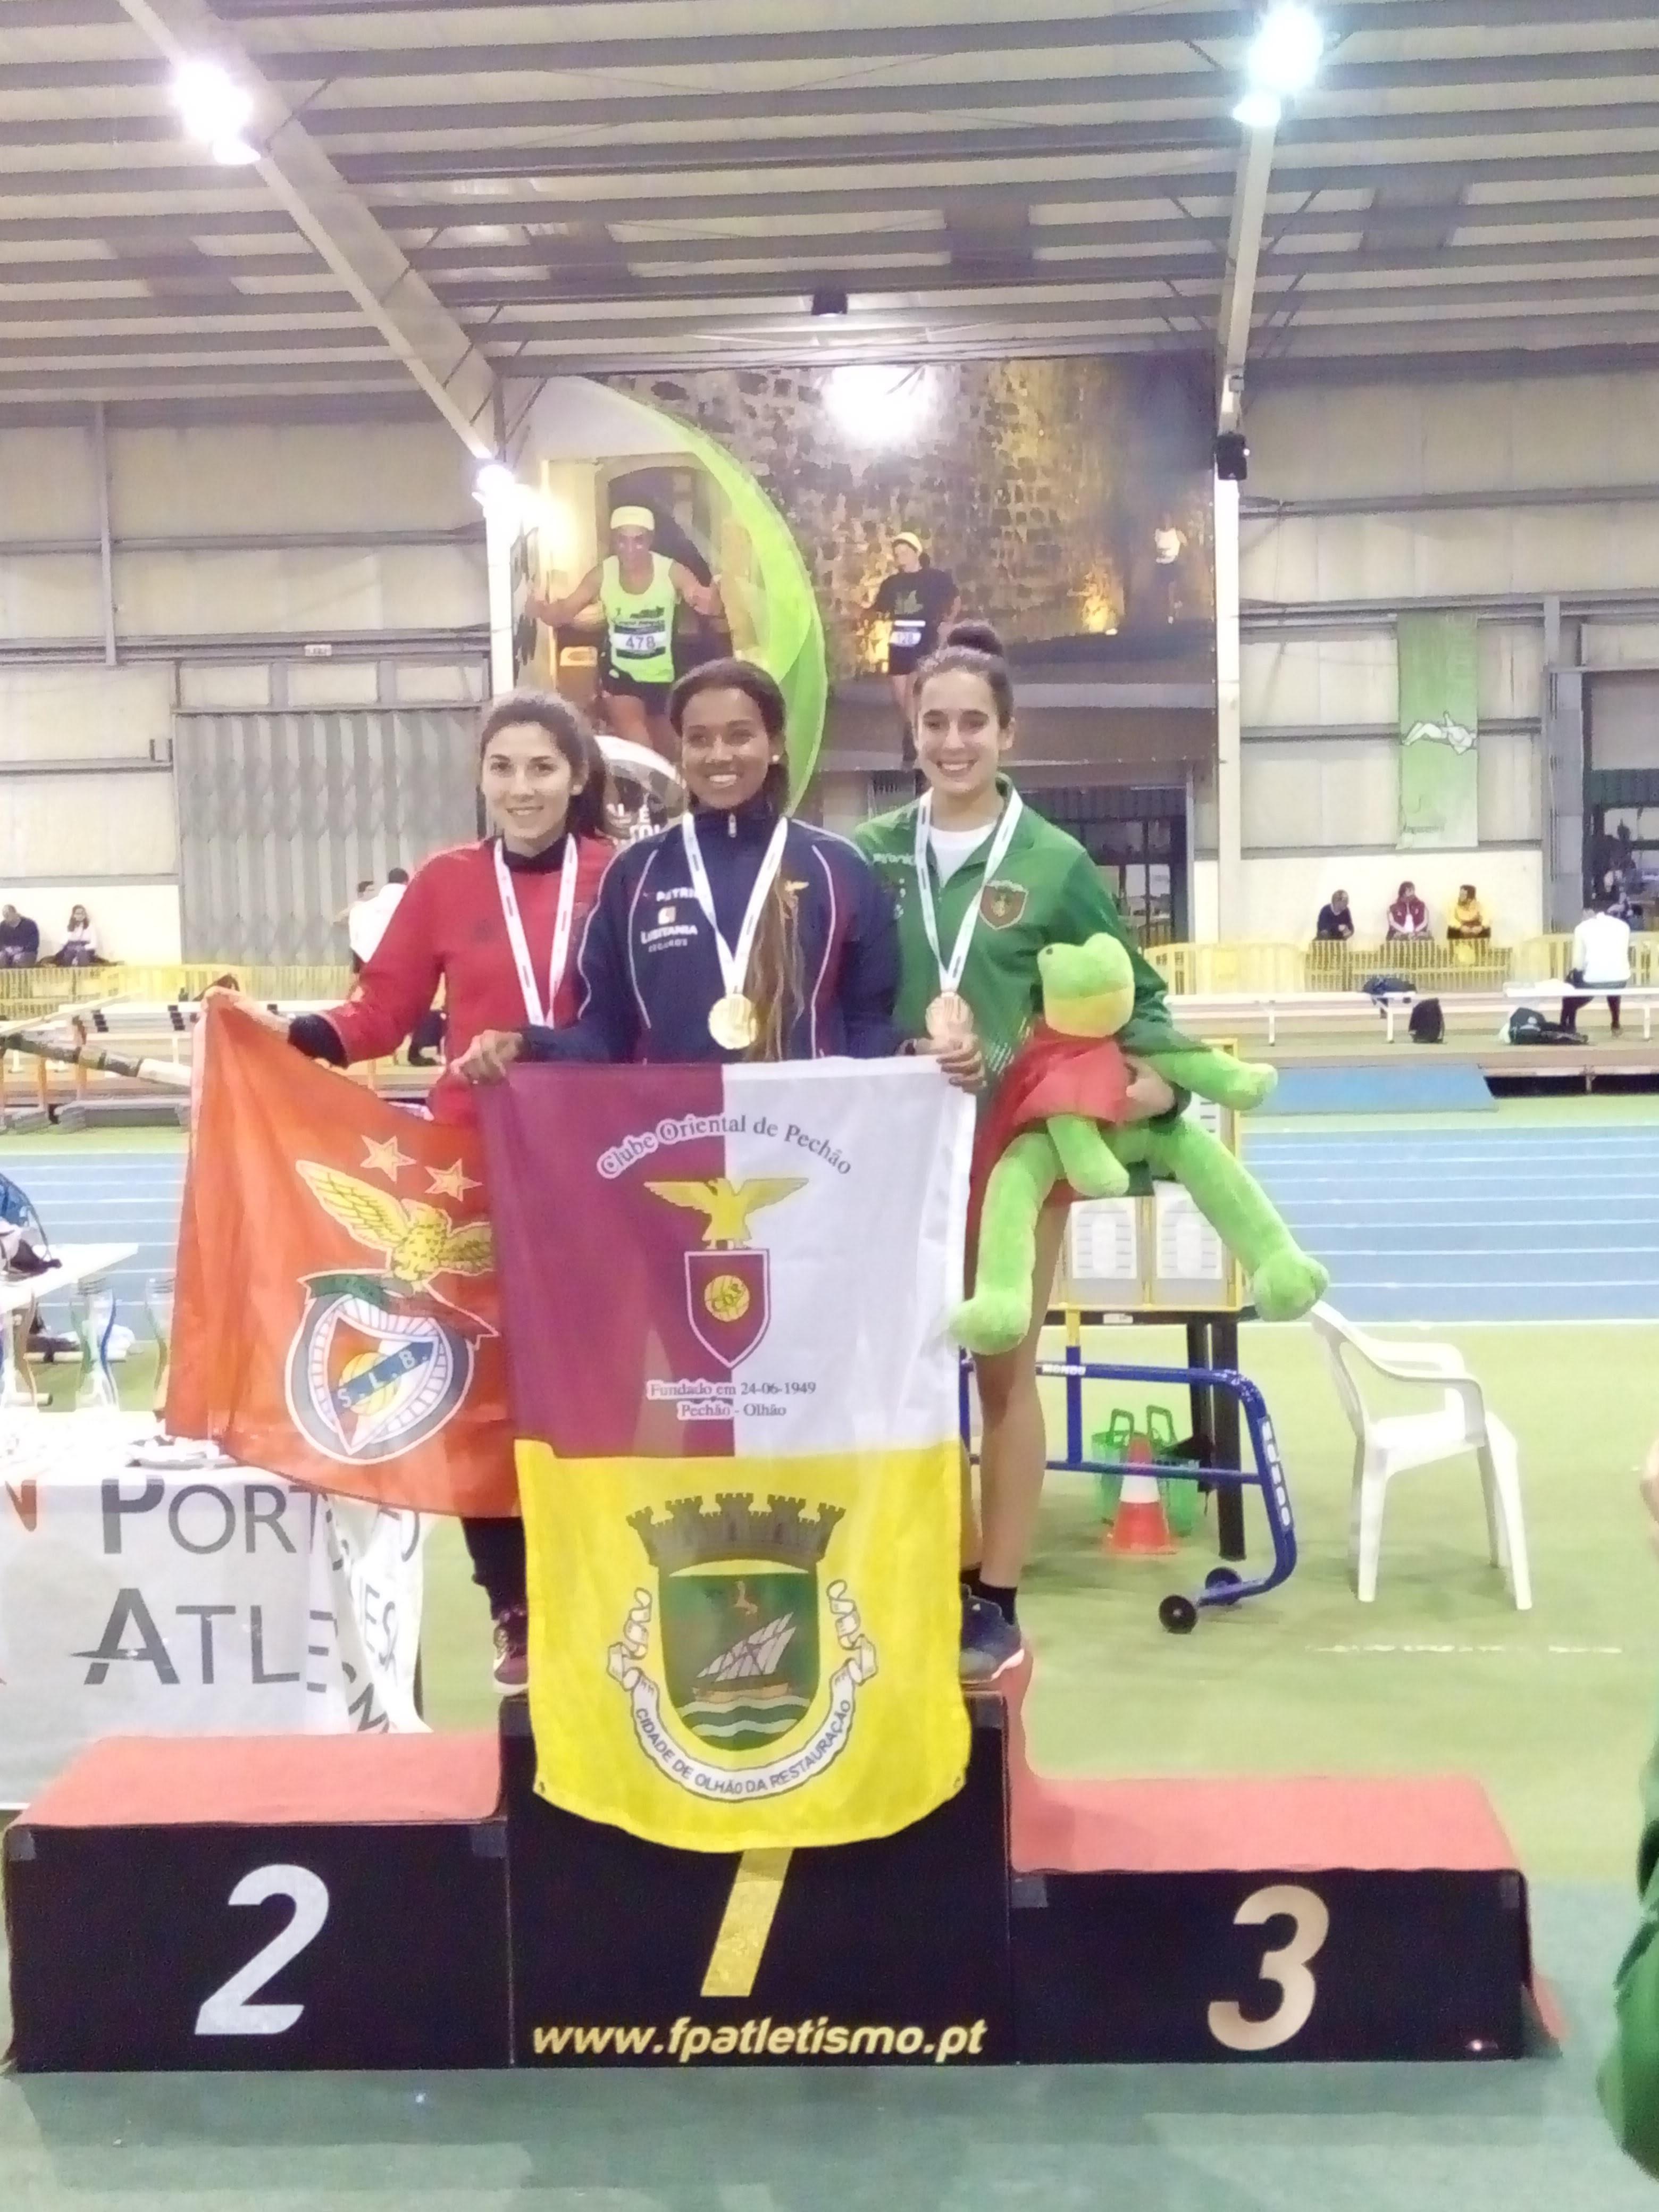 ... Diario Digital Castelo Branco. Covilhã  Inês Reis em 3ºlugar nos 3000m  Marcha do Campeonato Nacional a8bec8fbfd5e0